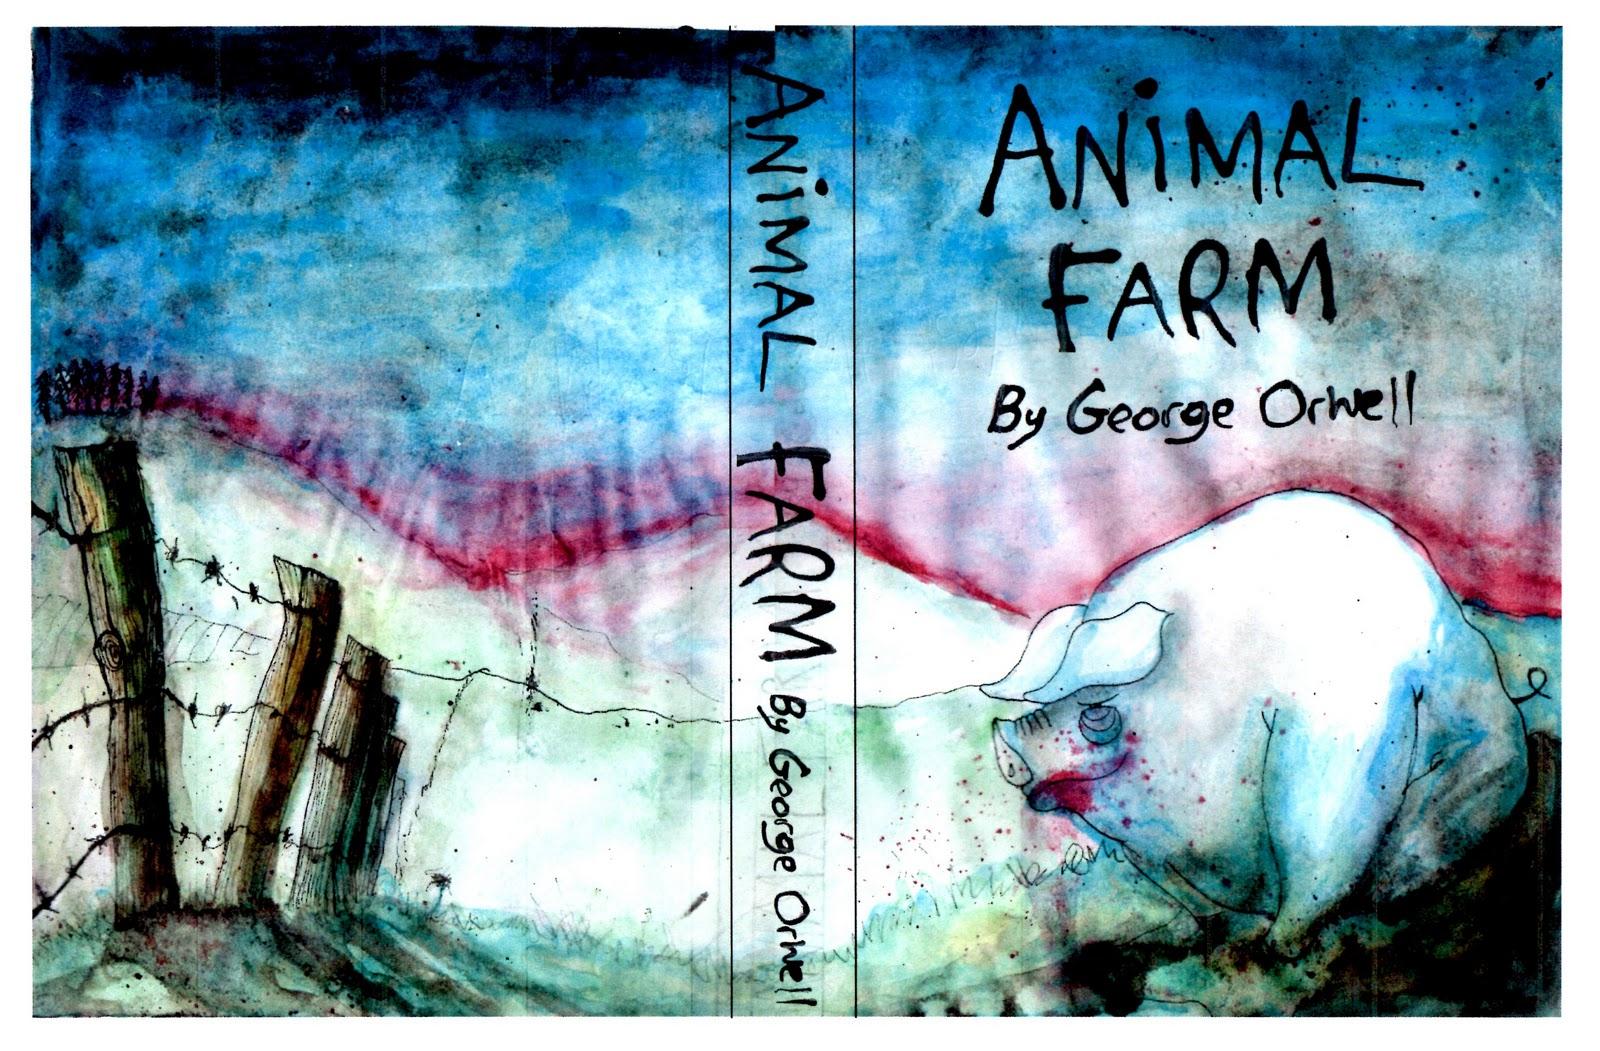 http://2.bp.blogspot.com/_jXcz1f3CG-Y/TUUa-vLIlZI/AAAAAAAAALE/uJ01DgWqzhQ/s1600/Animal%252Bfarm%252Bcover.jpg